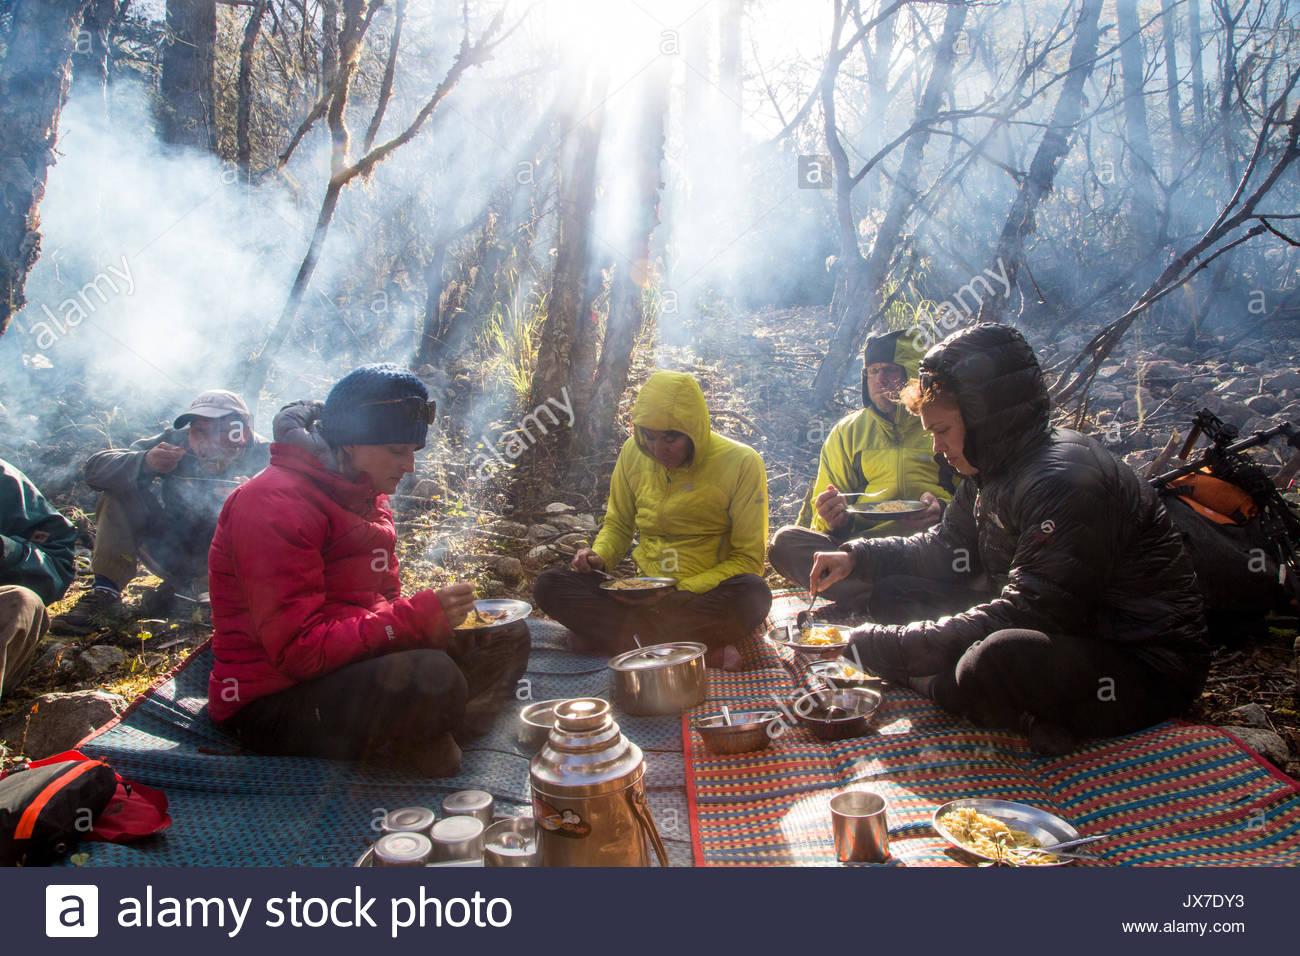 Membri della spedizione sedersi attorno a un campeggio a mangiare cibo. Immagini Stock